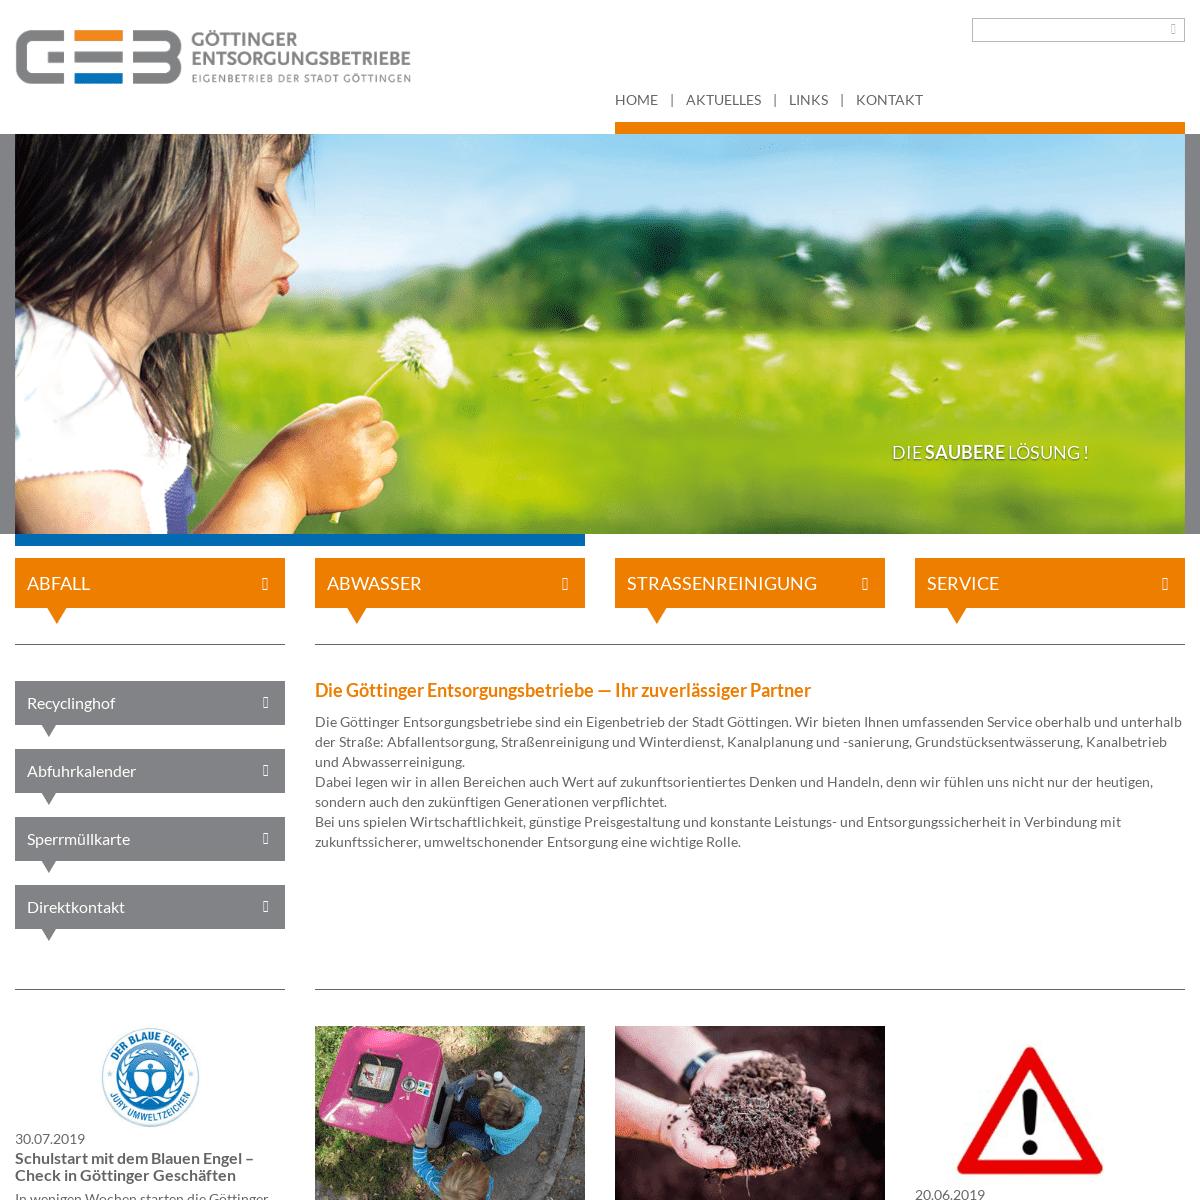 ArchiveBay.com - geb-goettingen.de - GEB Göttinger Entsorgungsbetriebe - Startseite